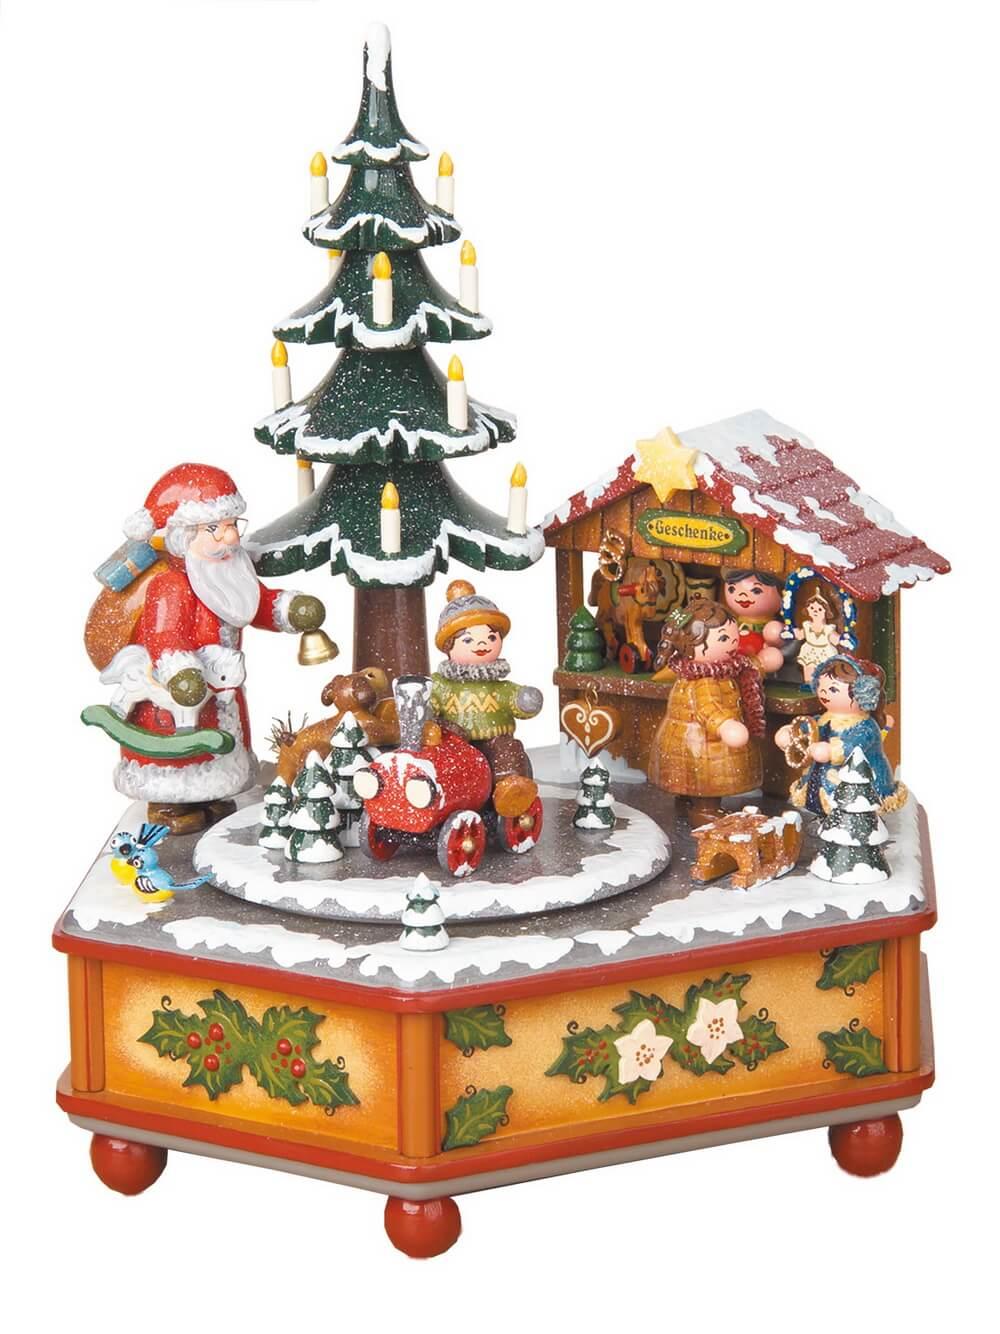 Spieluhren & Spieldosen Weihnachtszeit von Hubrig Volkskunst GmbH Zschorlau/ Erzgebirge ist 22 cm hoch. Bei dieser Spieluhr kann man eine von 3 …